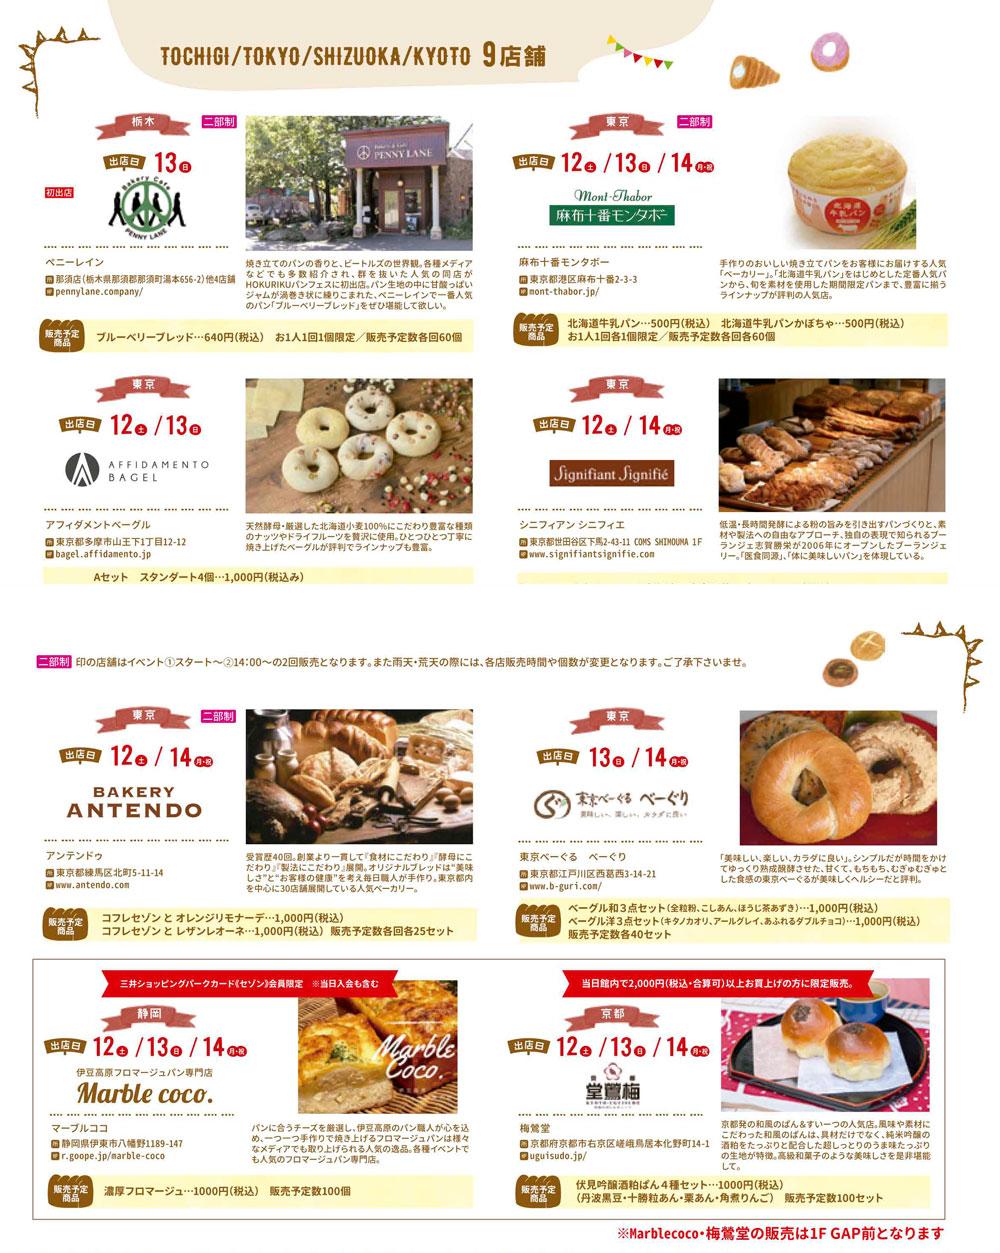 三井アウトレットパークで開催される「北陸パンフェス2019」の東京/京都/静岡/栃木のパン屋さん